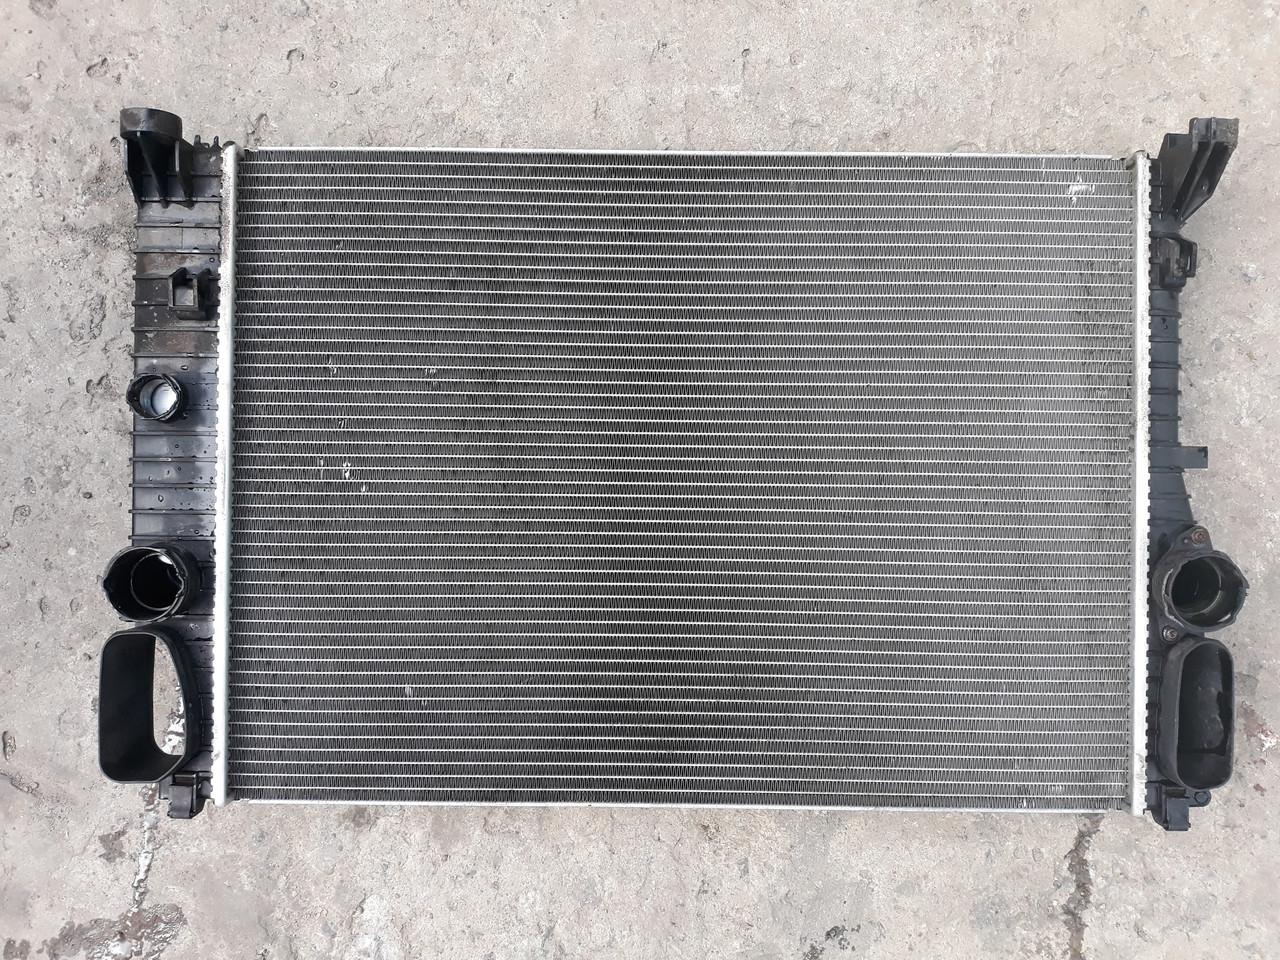 Радиатор охлаждение двигателя основной Mercedes w211 оригинал бу A2115003102 2115003102